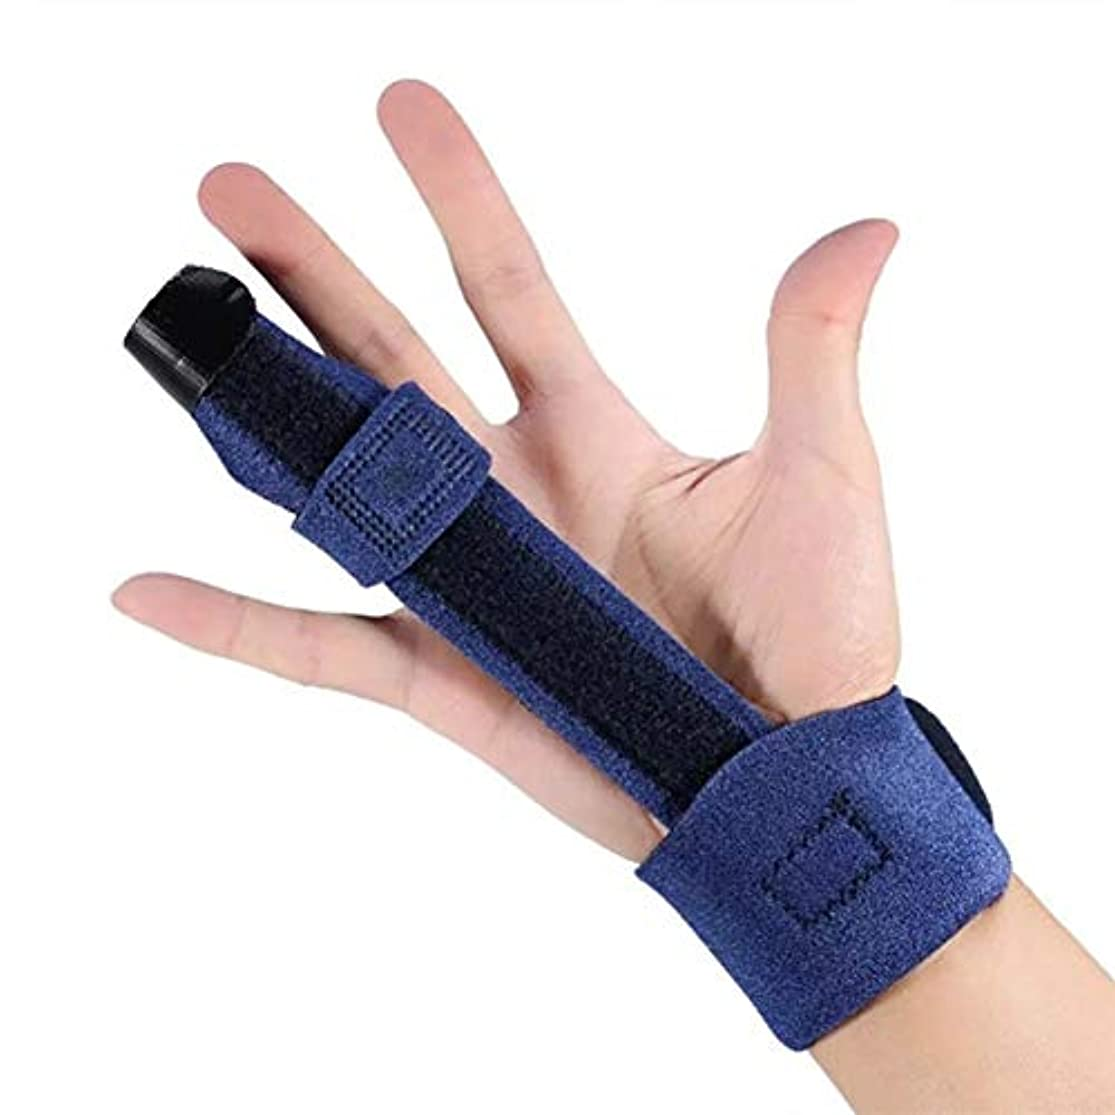 失速不愉快に契約する指スプリント、指指セパレーターインソール、固定指関節、固定指の関節(アジャスタブルベルクロ)